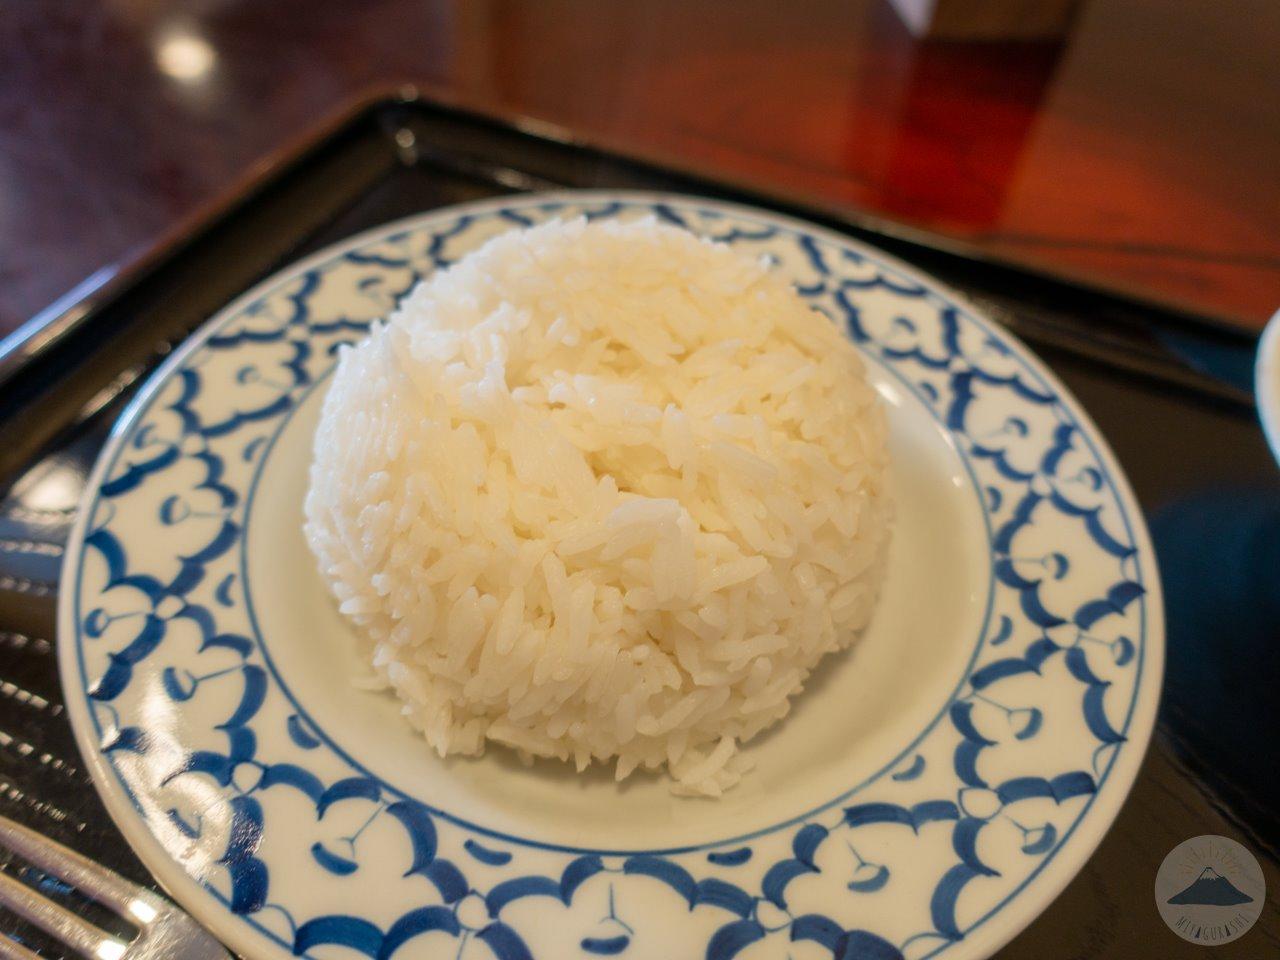 タイ屋台料理ユキズキッチンのジャスミンライス